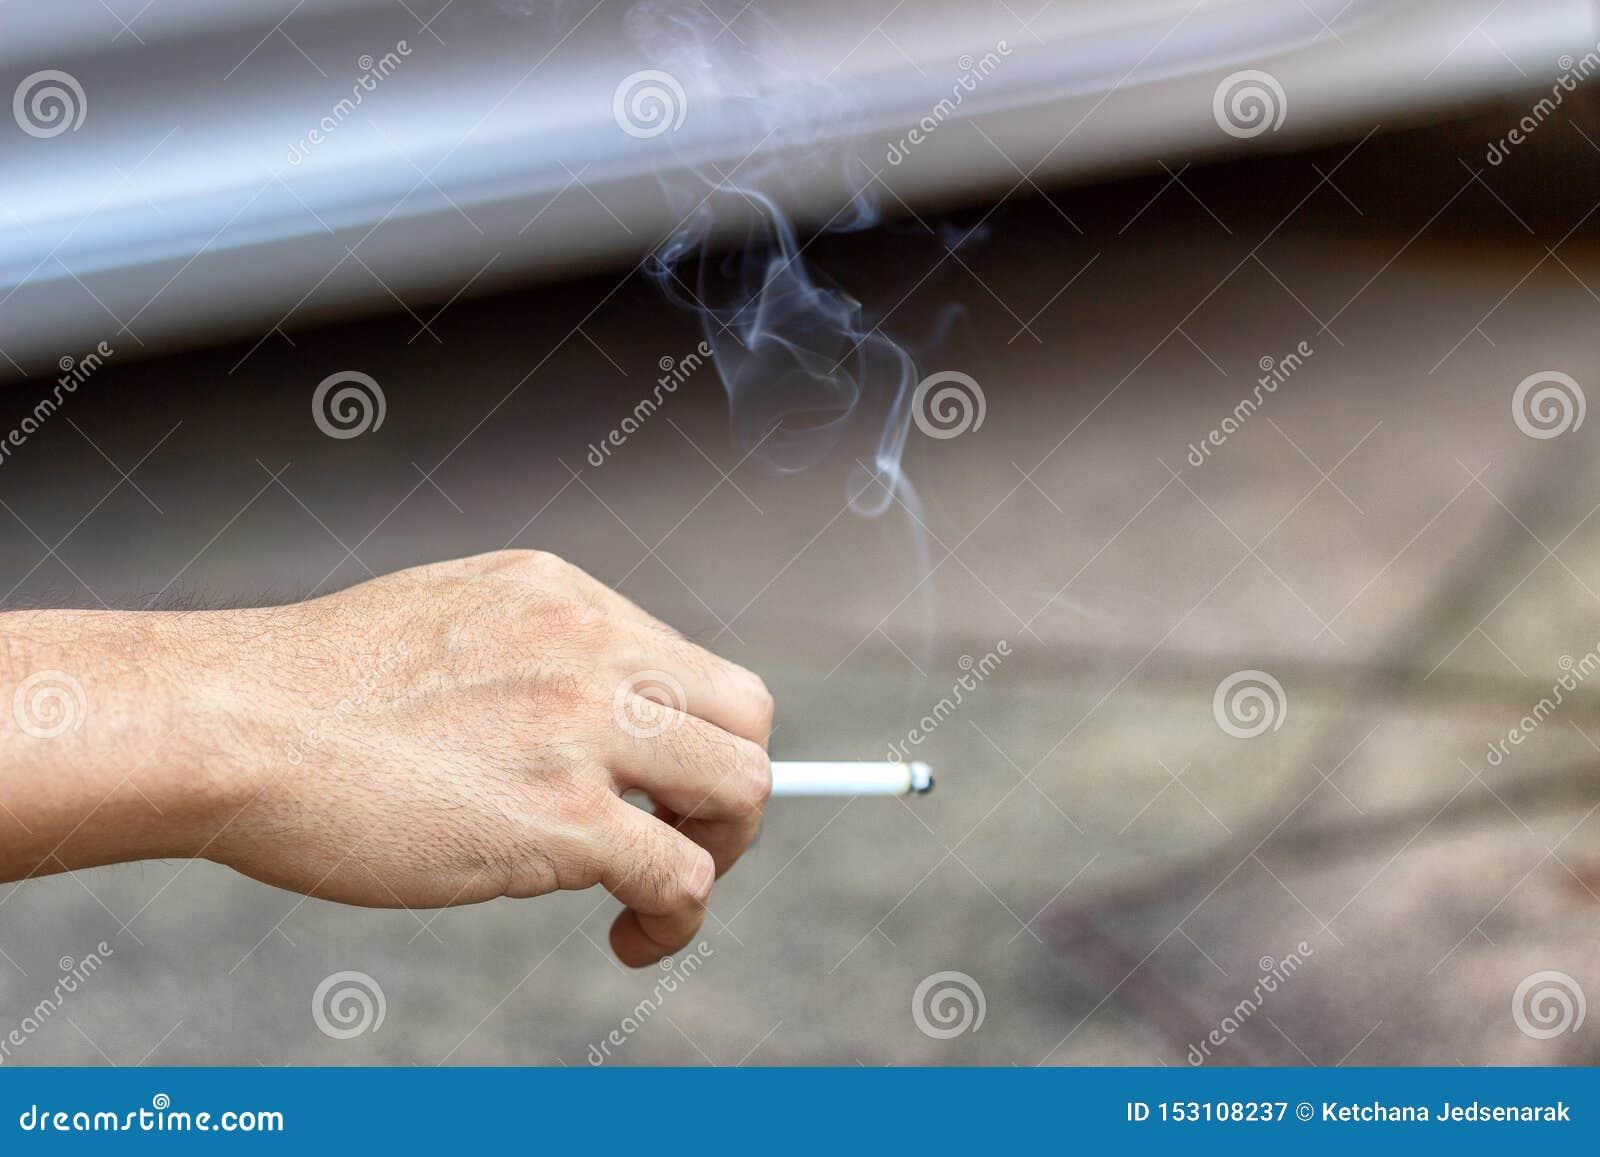 Η έννοια της διακοπής καπνίσματος με τα αρσενικά χέρια φέρνει τα φάρμακα τσιγάρων καπνού, τα οποία είναι επιβλαβή στους ανθρώπους